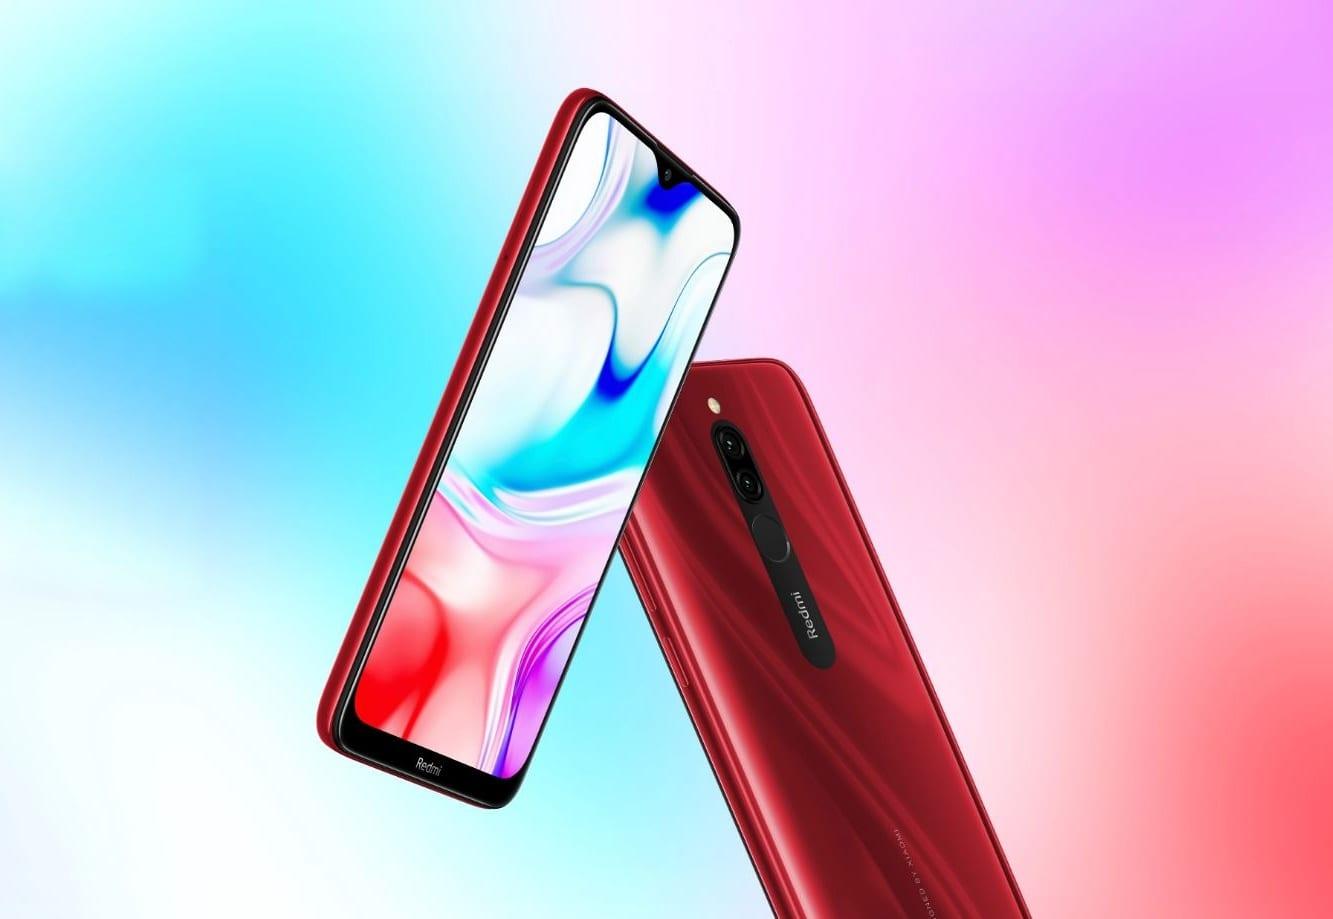 Inilah 5 Smartphone Terbaik di Bawah 2 Juta Rupiah (Maret 2020) 18 android, oppo, Realme, Round-Up, samsung, smartphone, xiaomi